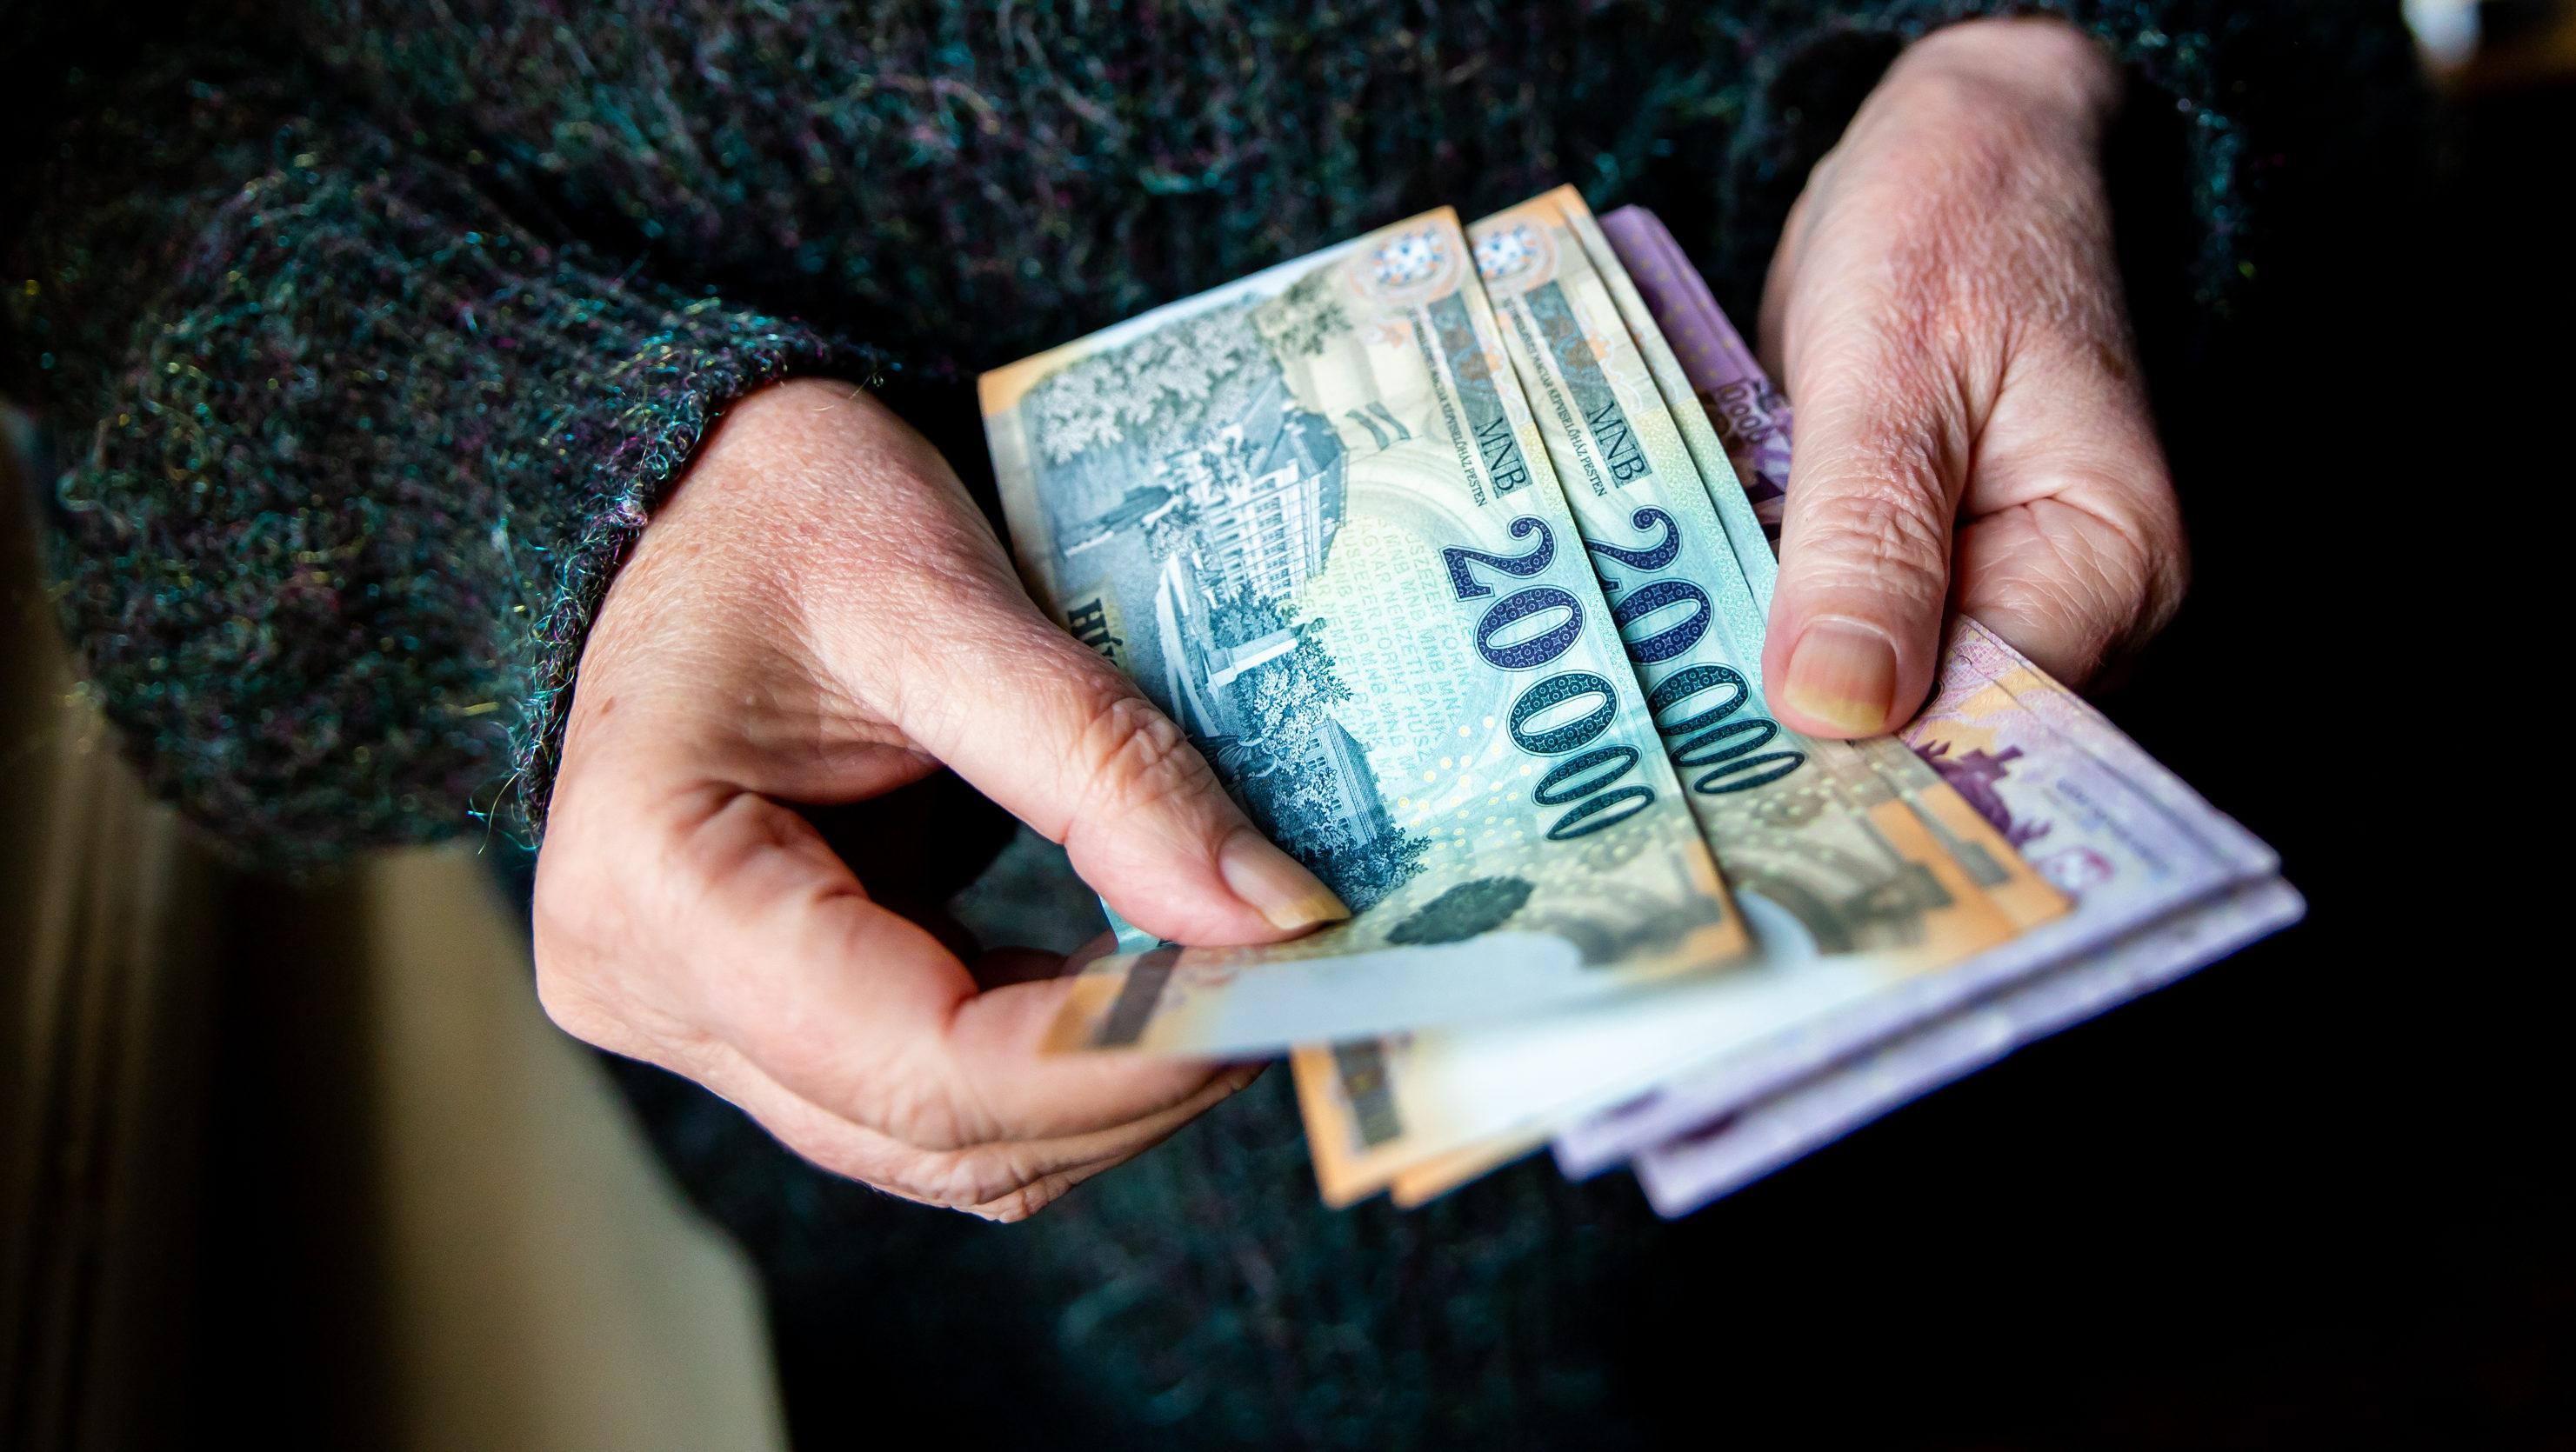 hitbtc kereskedelem elégtelen pénzeszközök